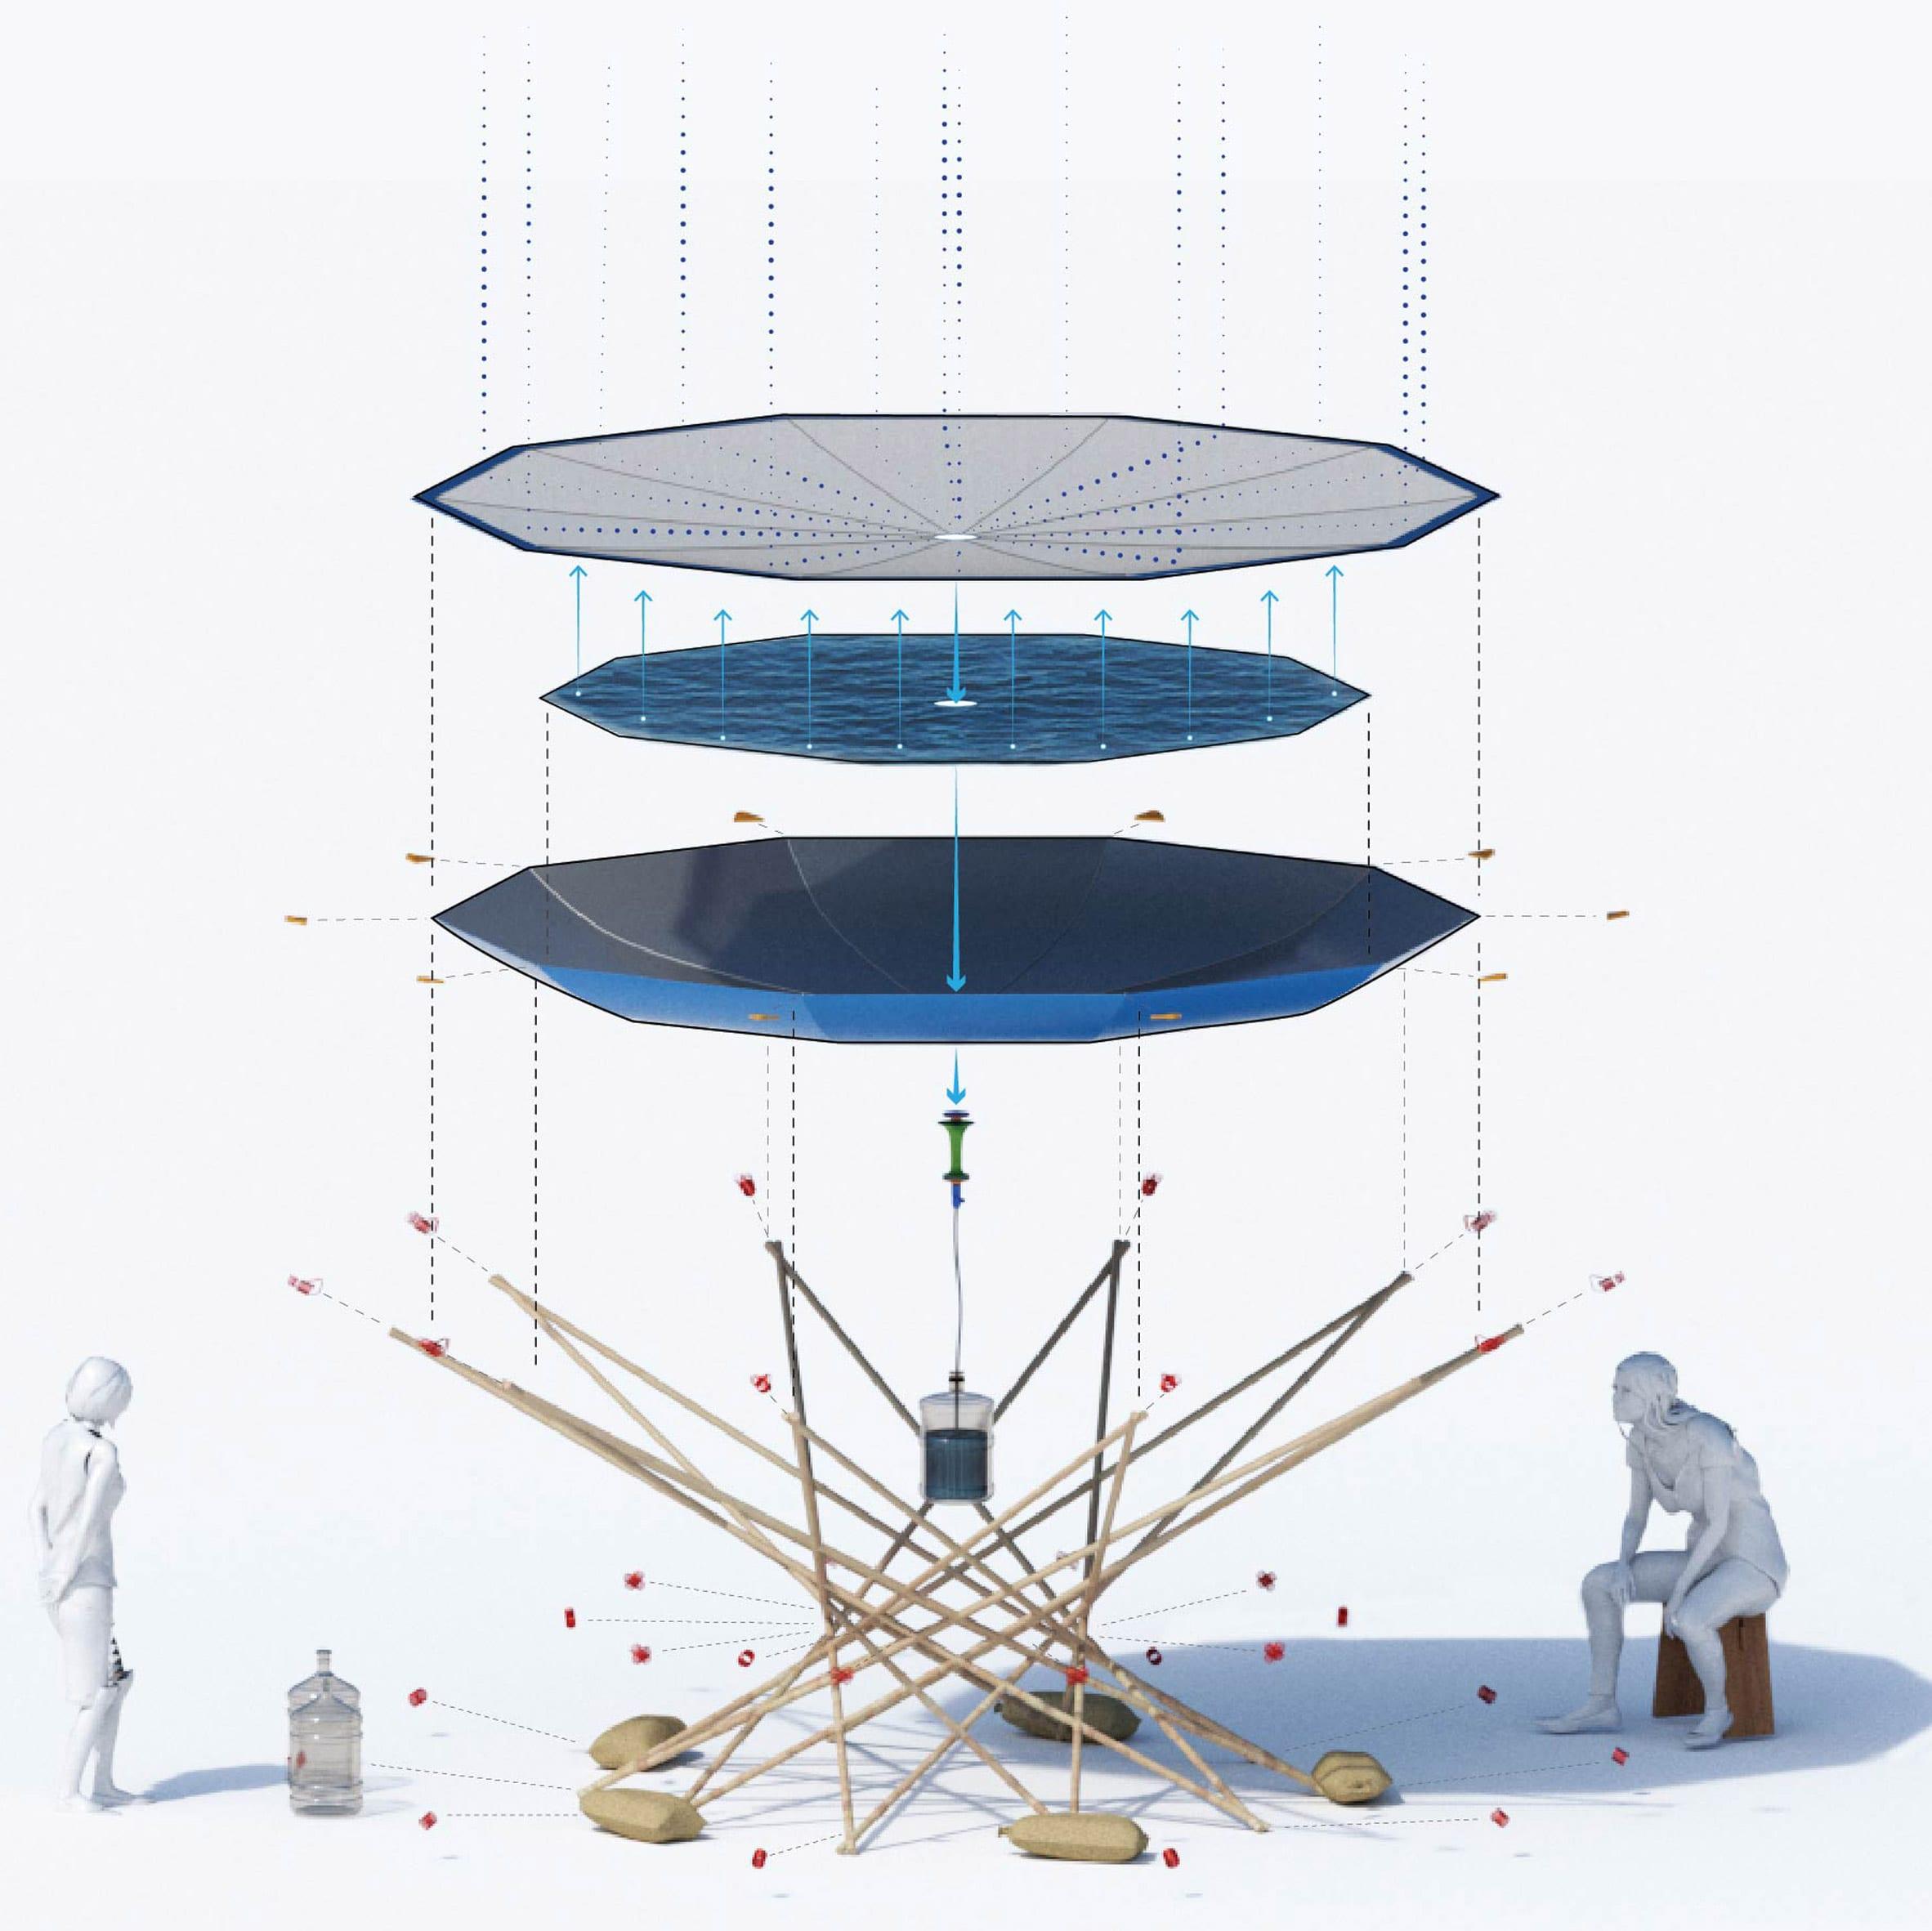 Construction diagram of solar water distiller